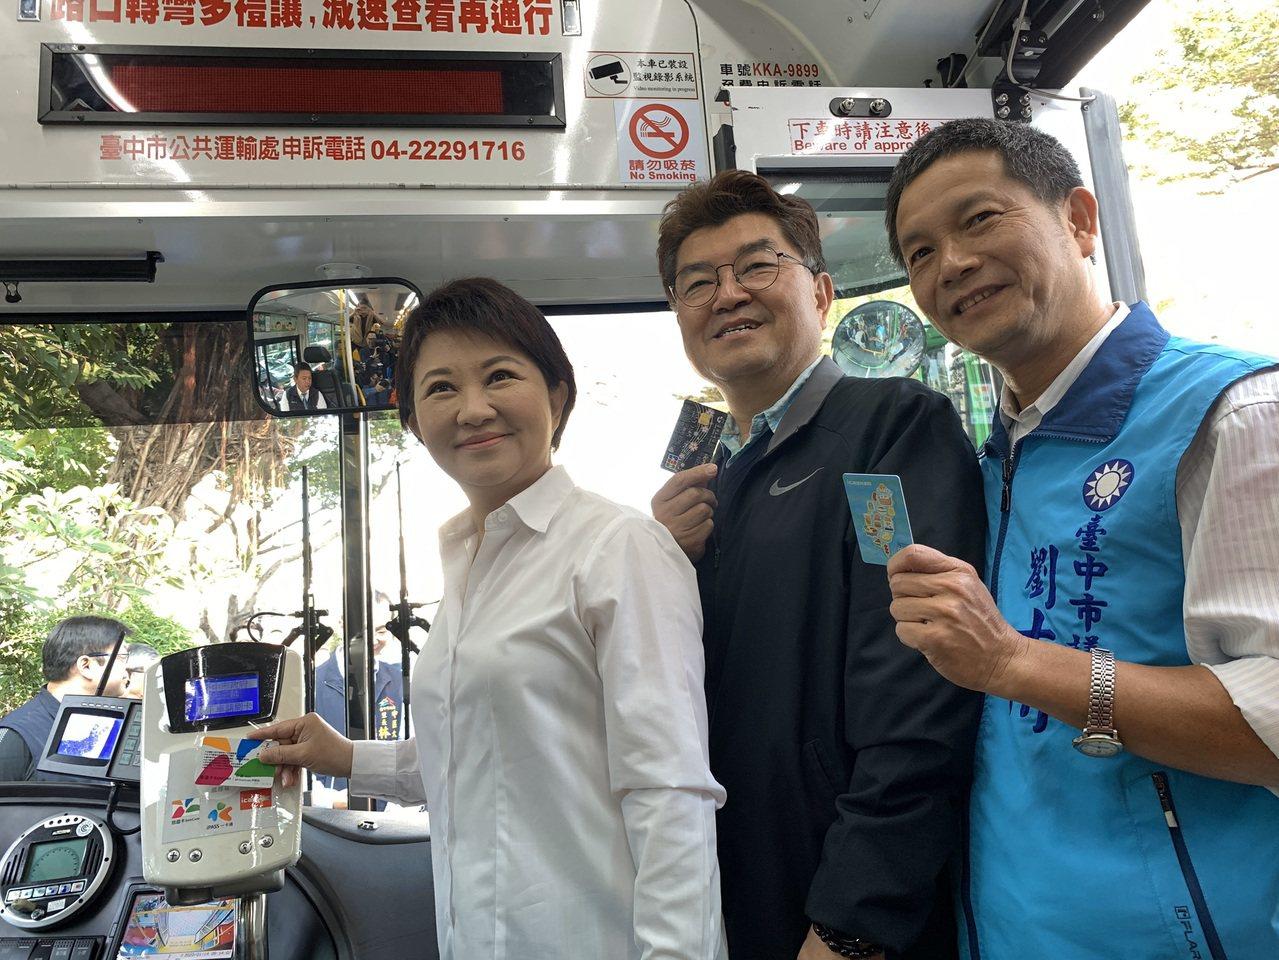 台中市公車免費政策上路至今廣受好評,從8公里延伸到10公里,市長盧秀燕(左一)兌...